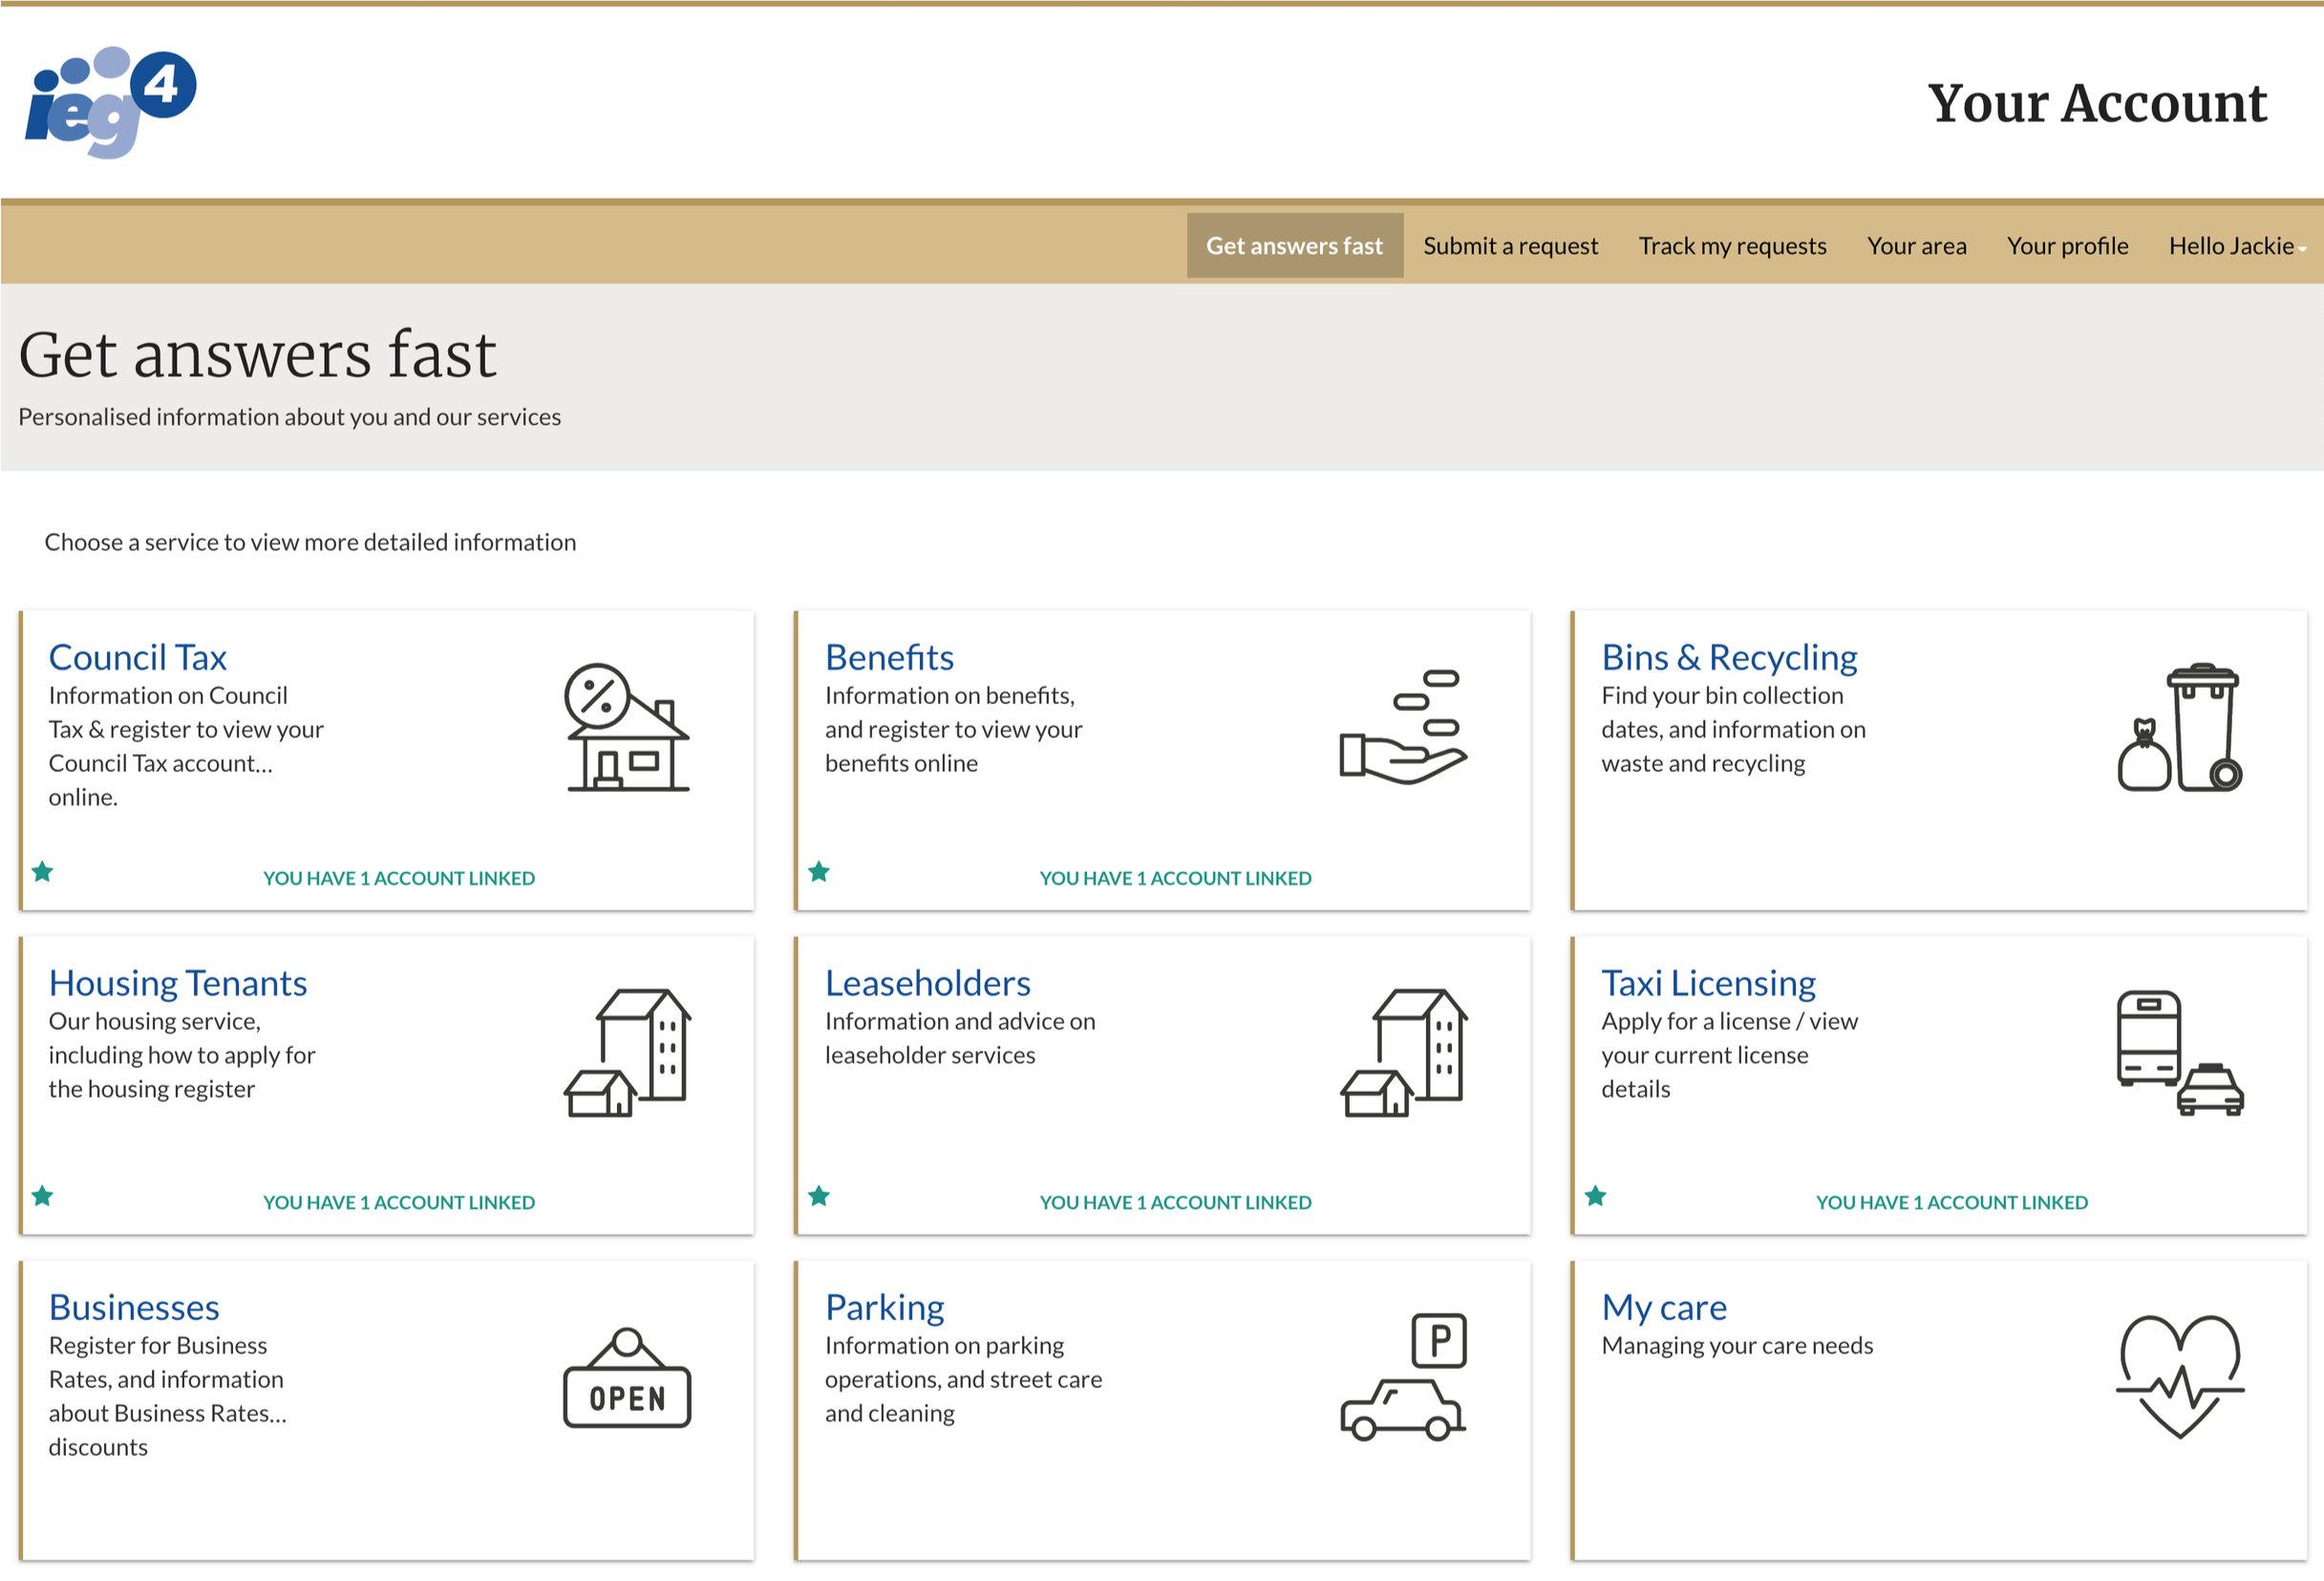 Screen shot of IEG4 Citizen Engagement Platform OneVu